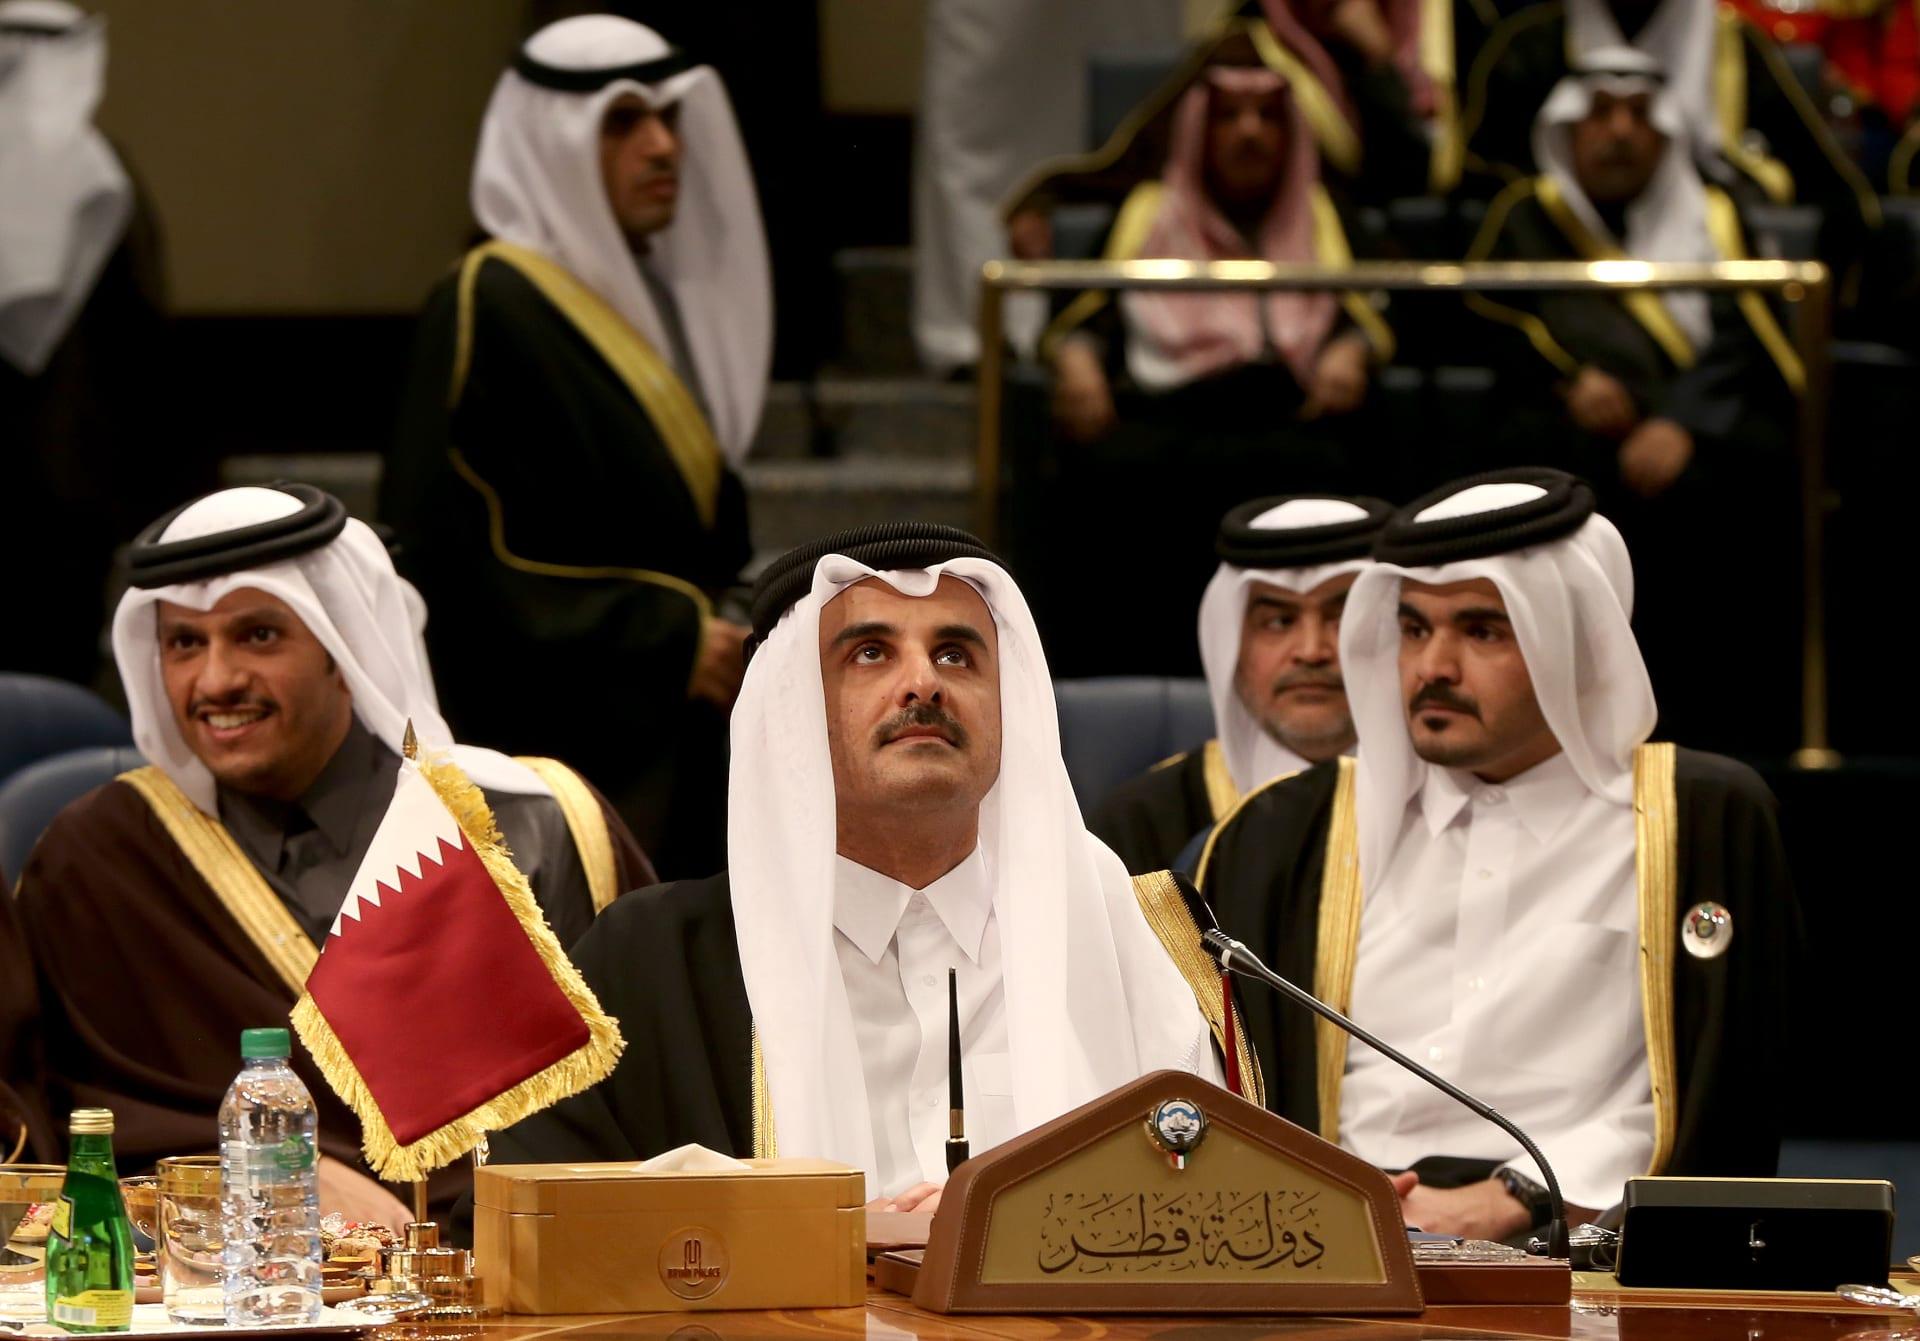 القمة الخليجية تنطلق الأحد بالسعودية.. ما هو موقف قطر من المشاركة؟